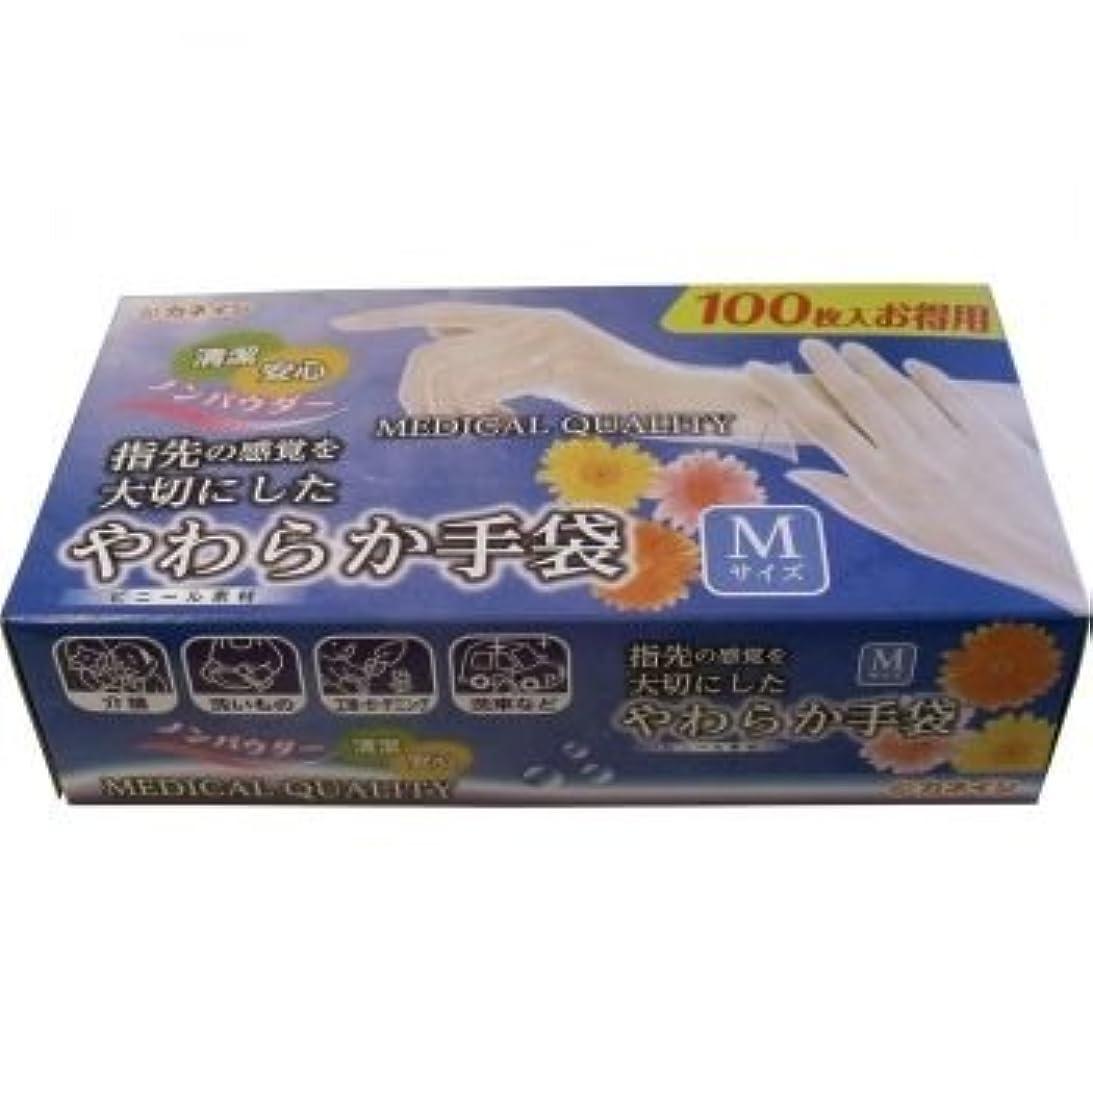 ポジションカップヘルシーやわらか手袋 ビニール素材 パウダーフリー Mサイズ 100枚入【2個セット】